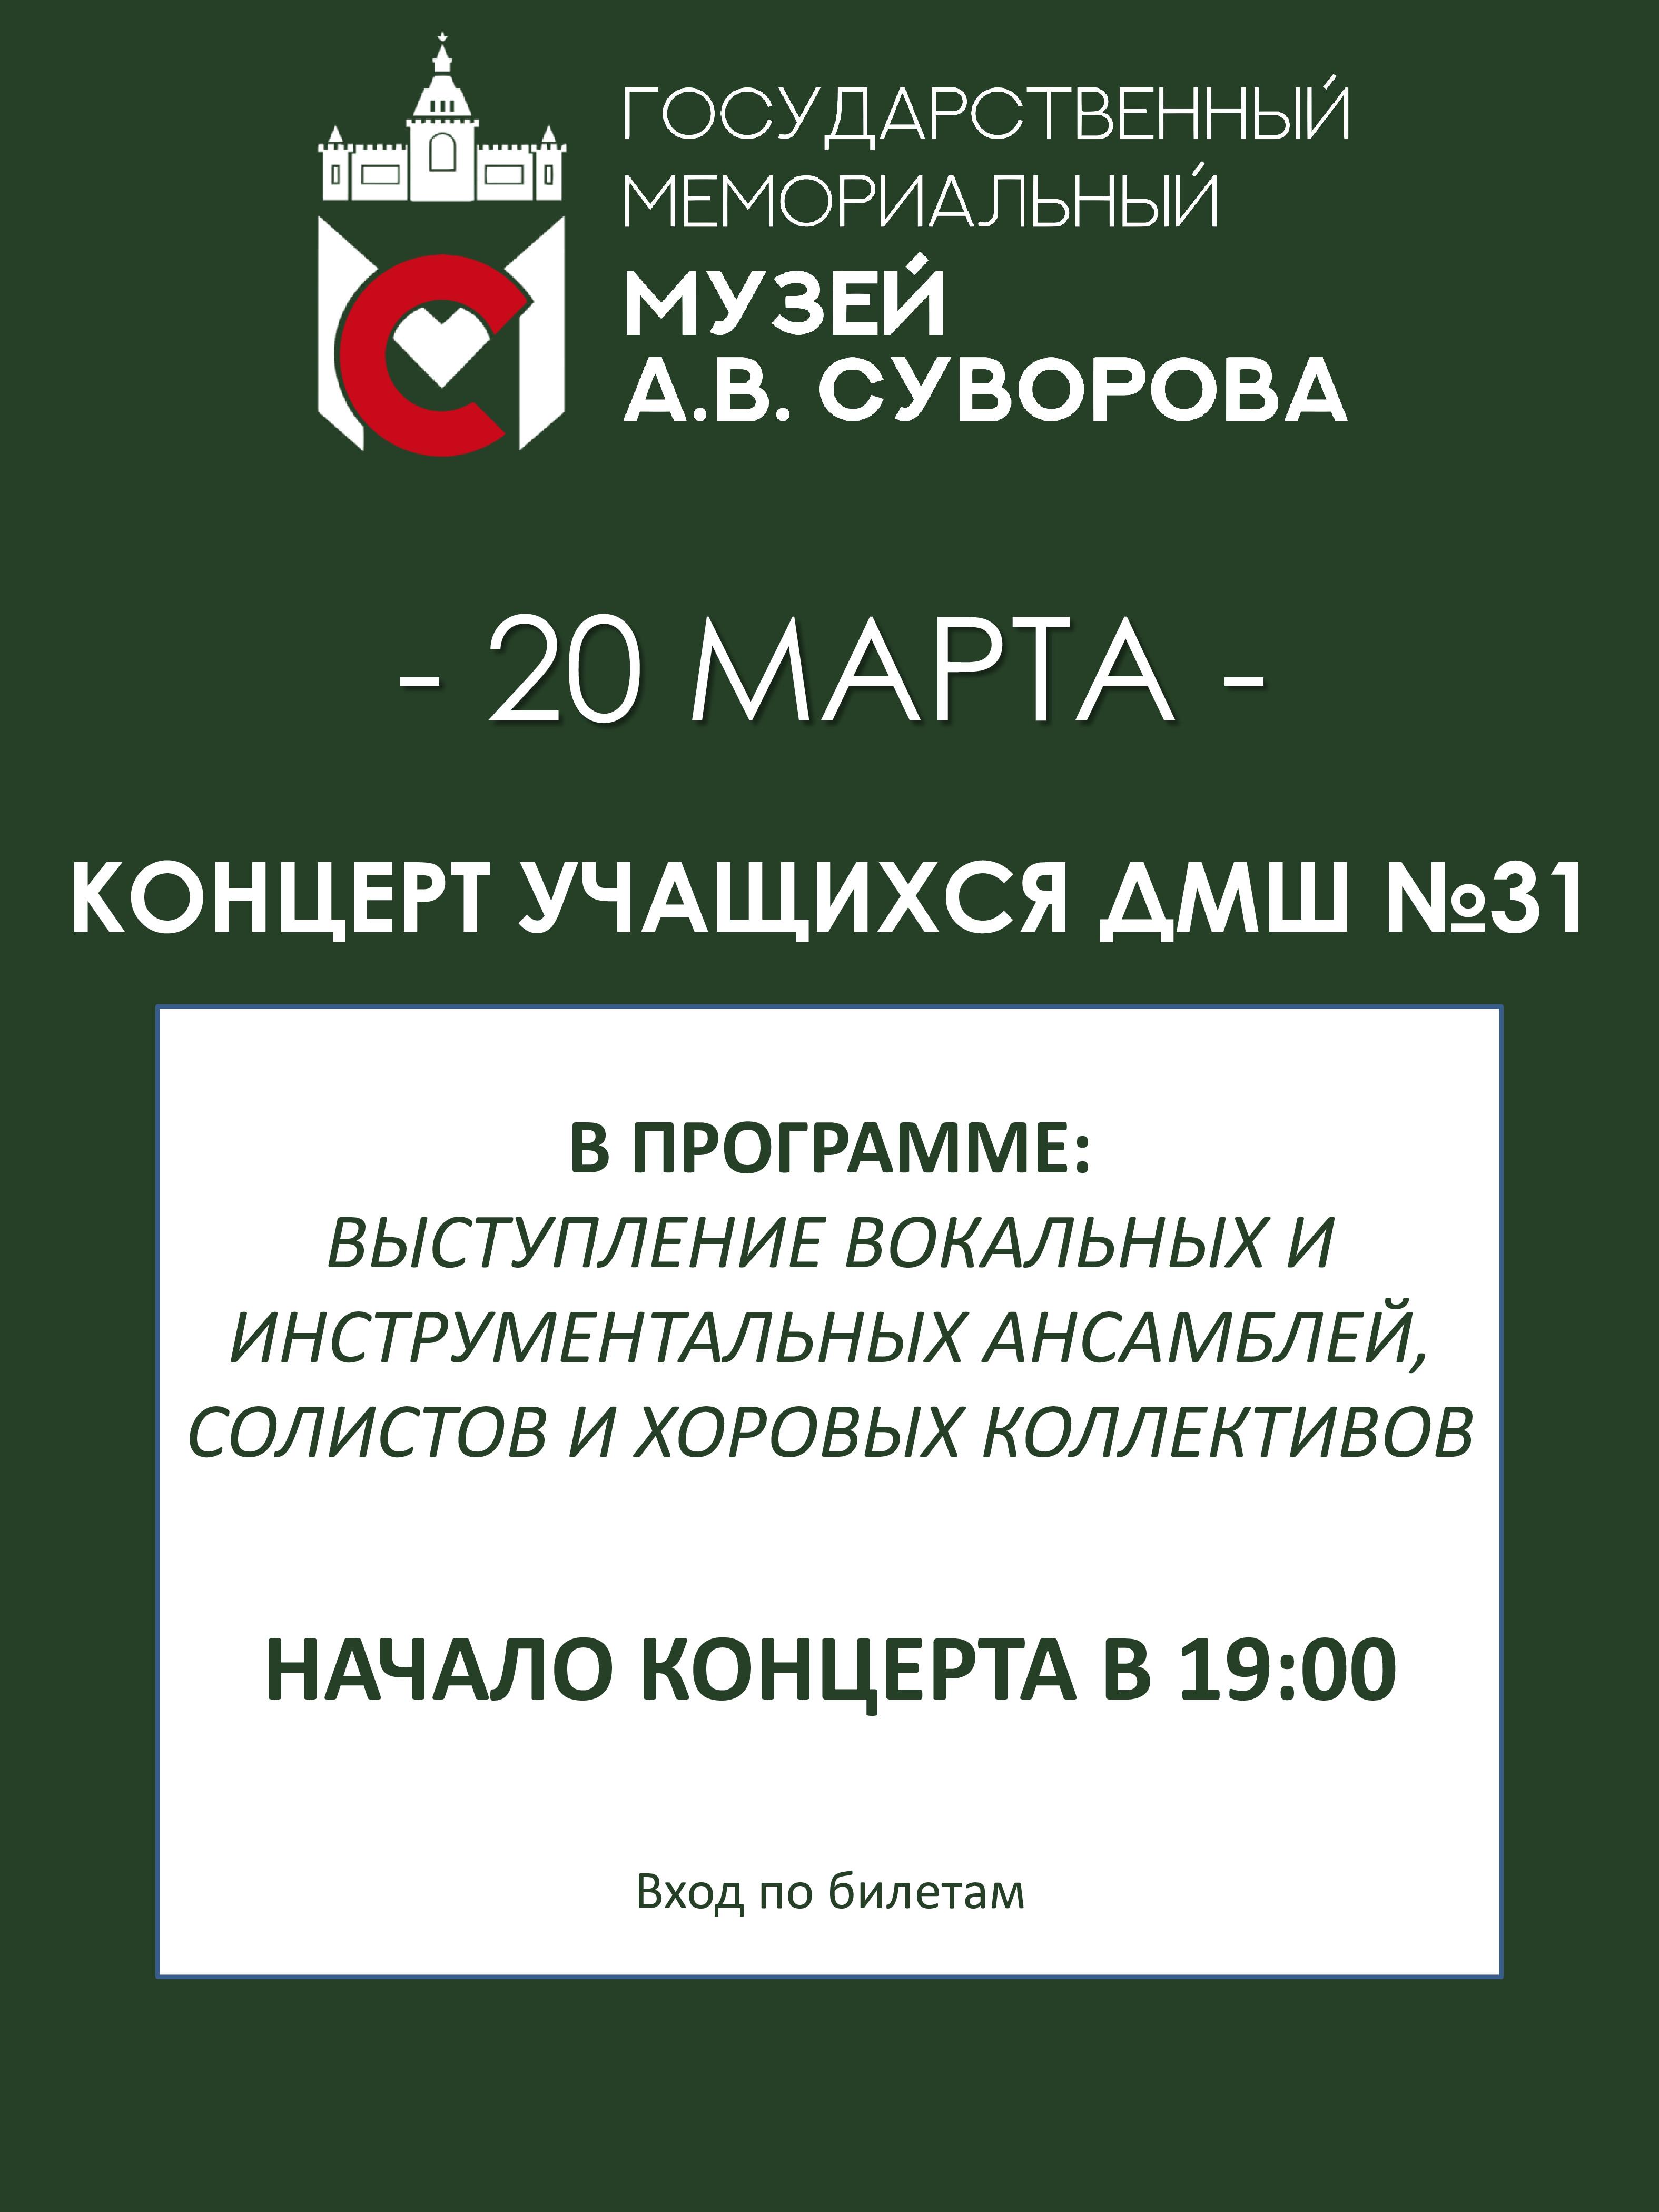 (Русский) Концерт учащихся ДМШ №31